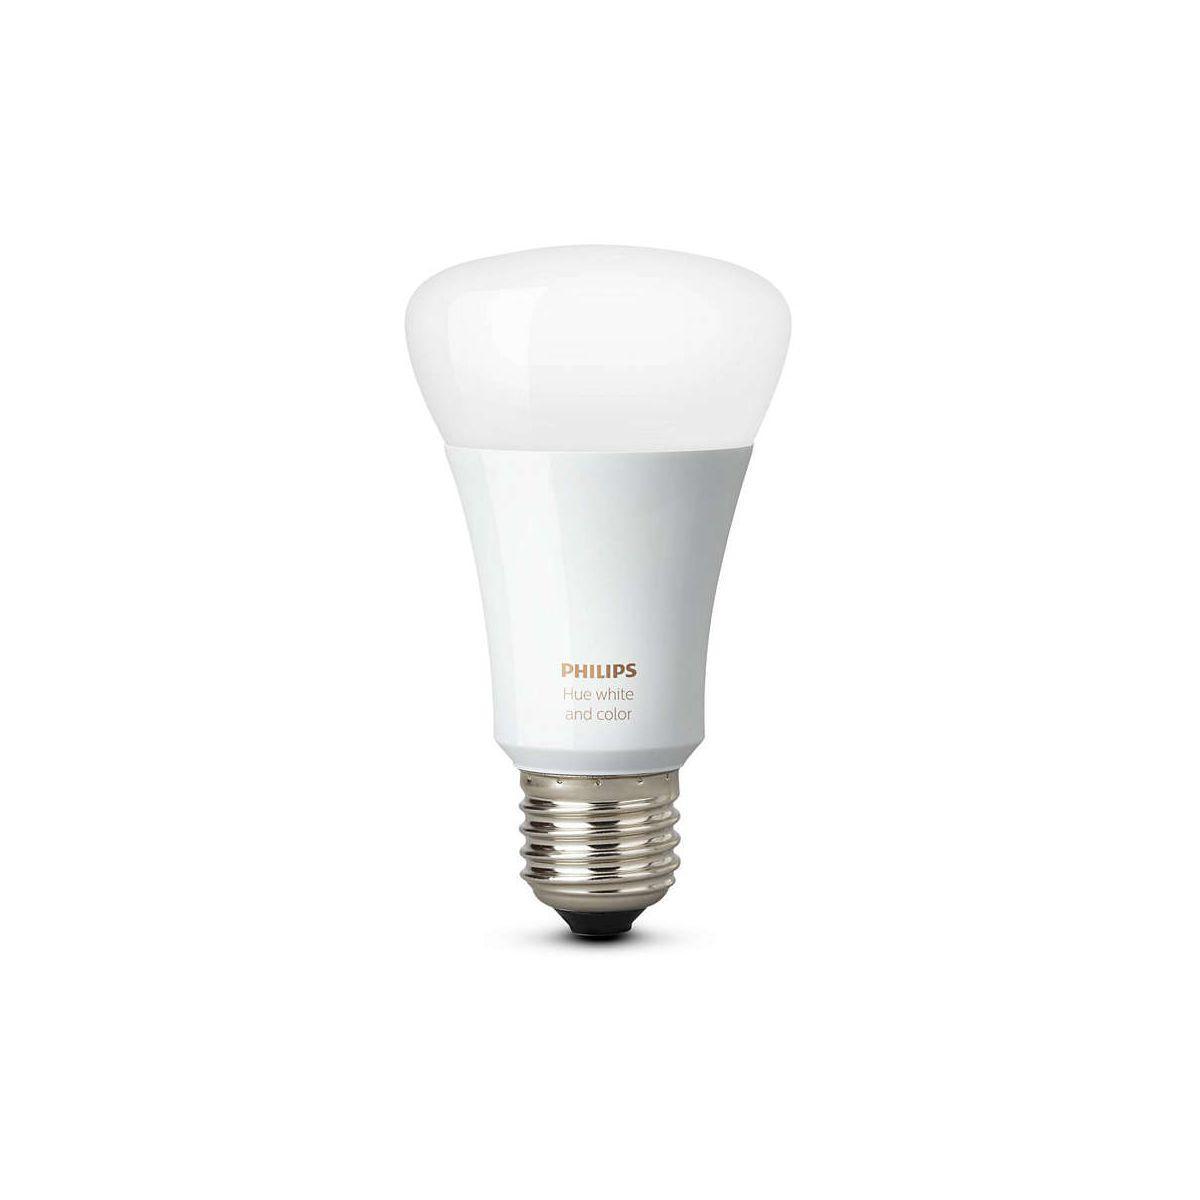 Ampoule connectable philips e27 hue white & colors - livraison offerte : code liv (photo)